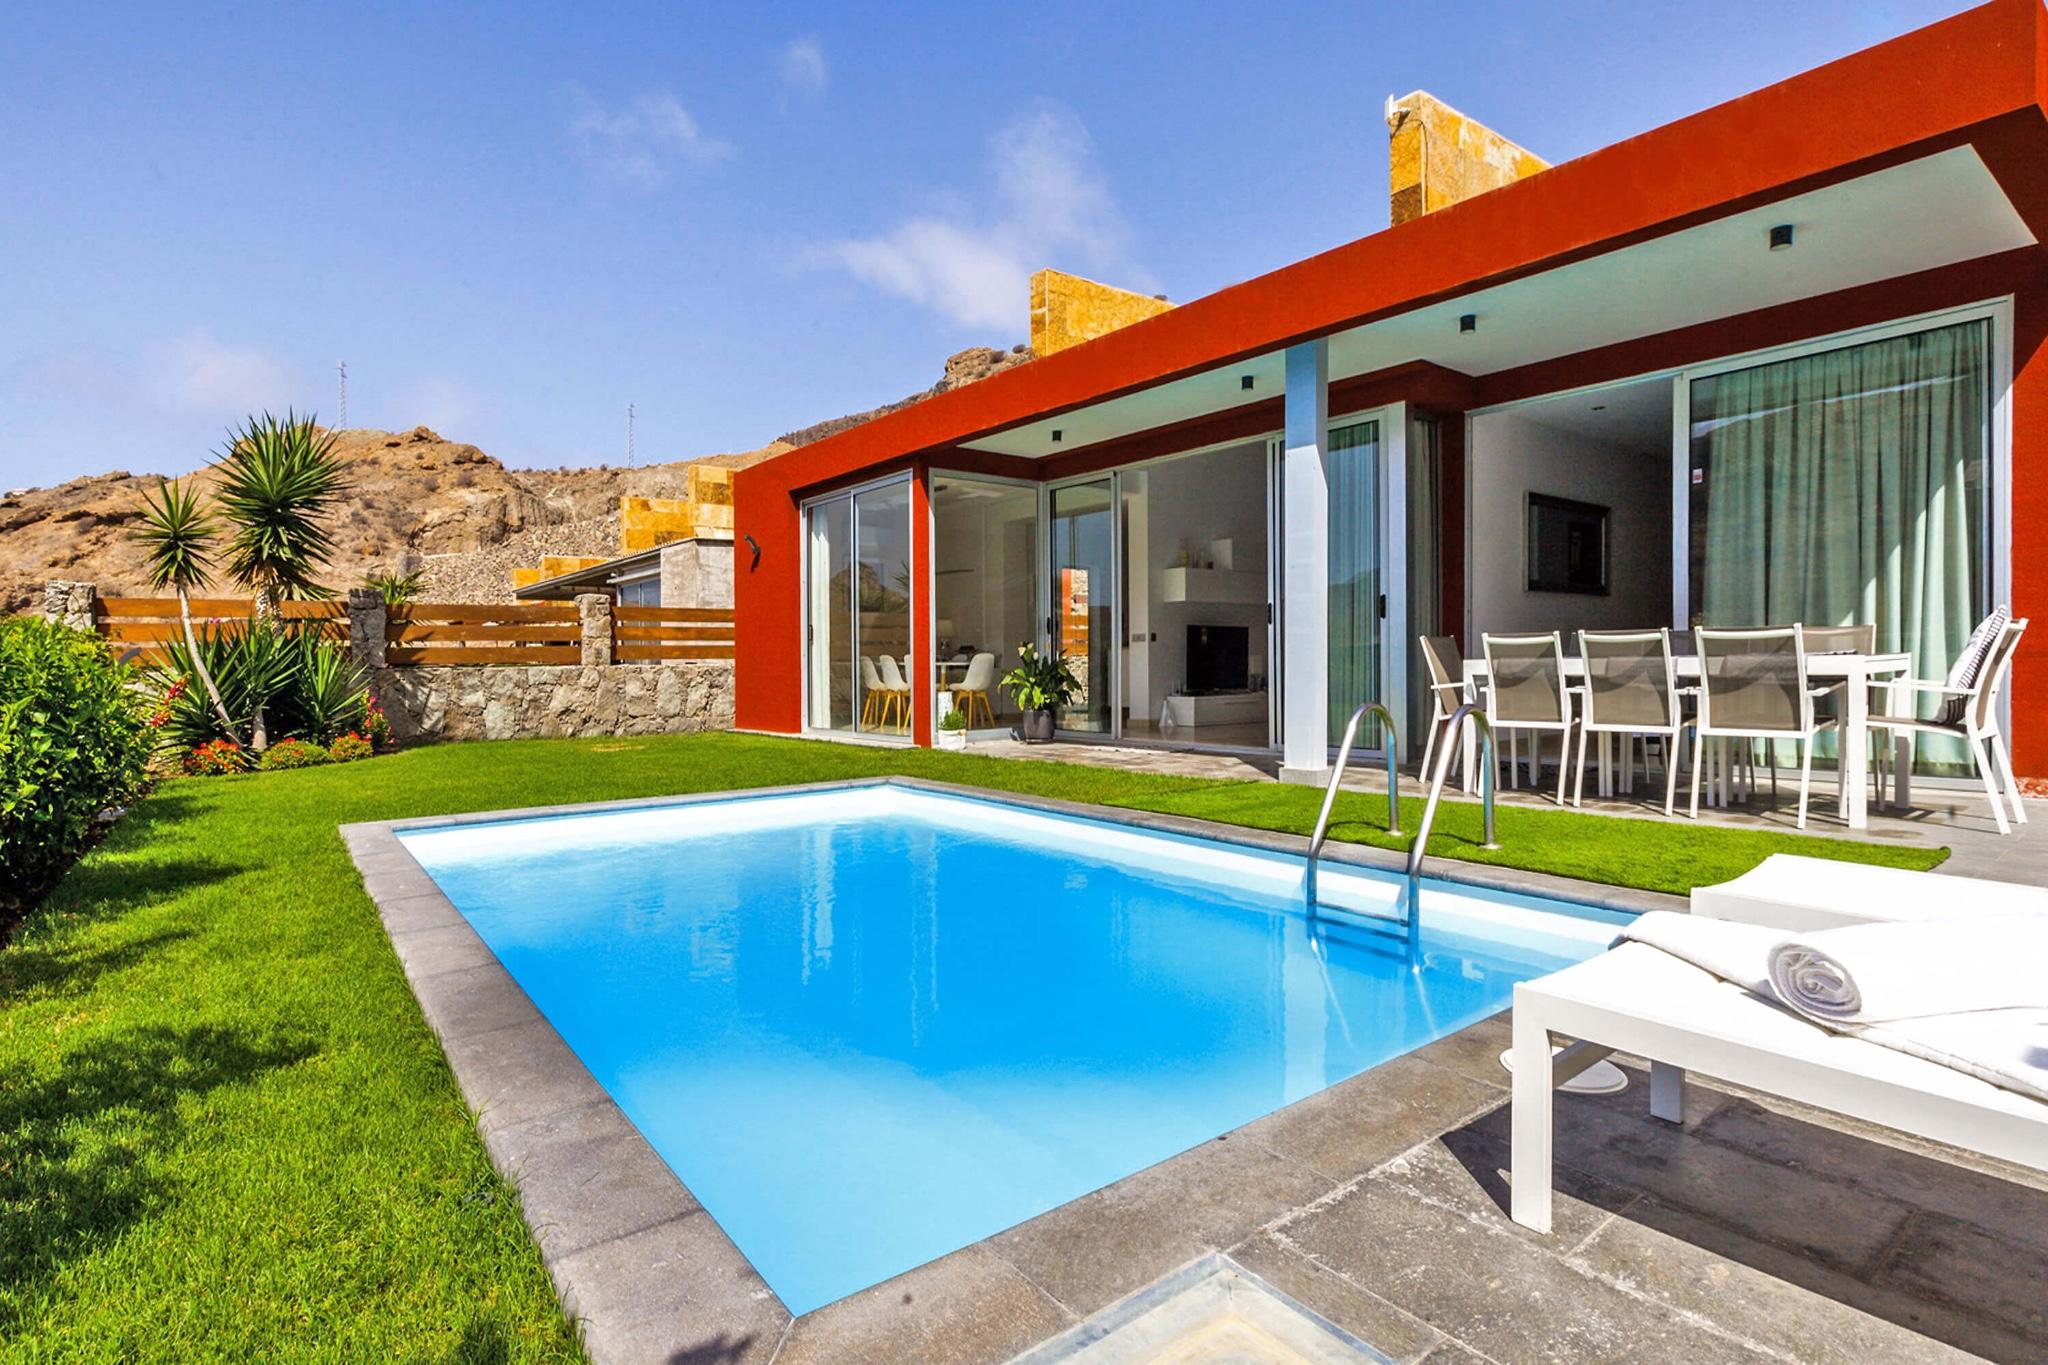 Moderna villa con piscina privada en el sur de gran canaria for Alquiler villas con piscina privada